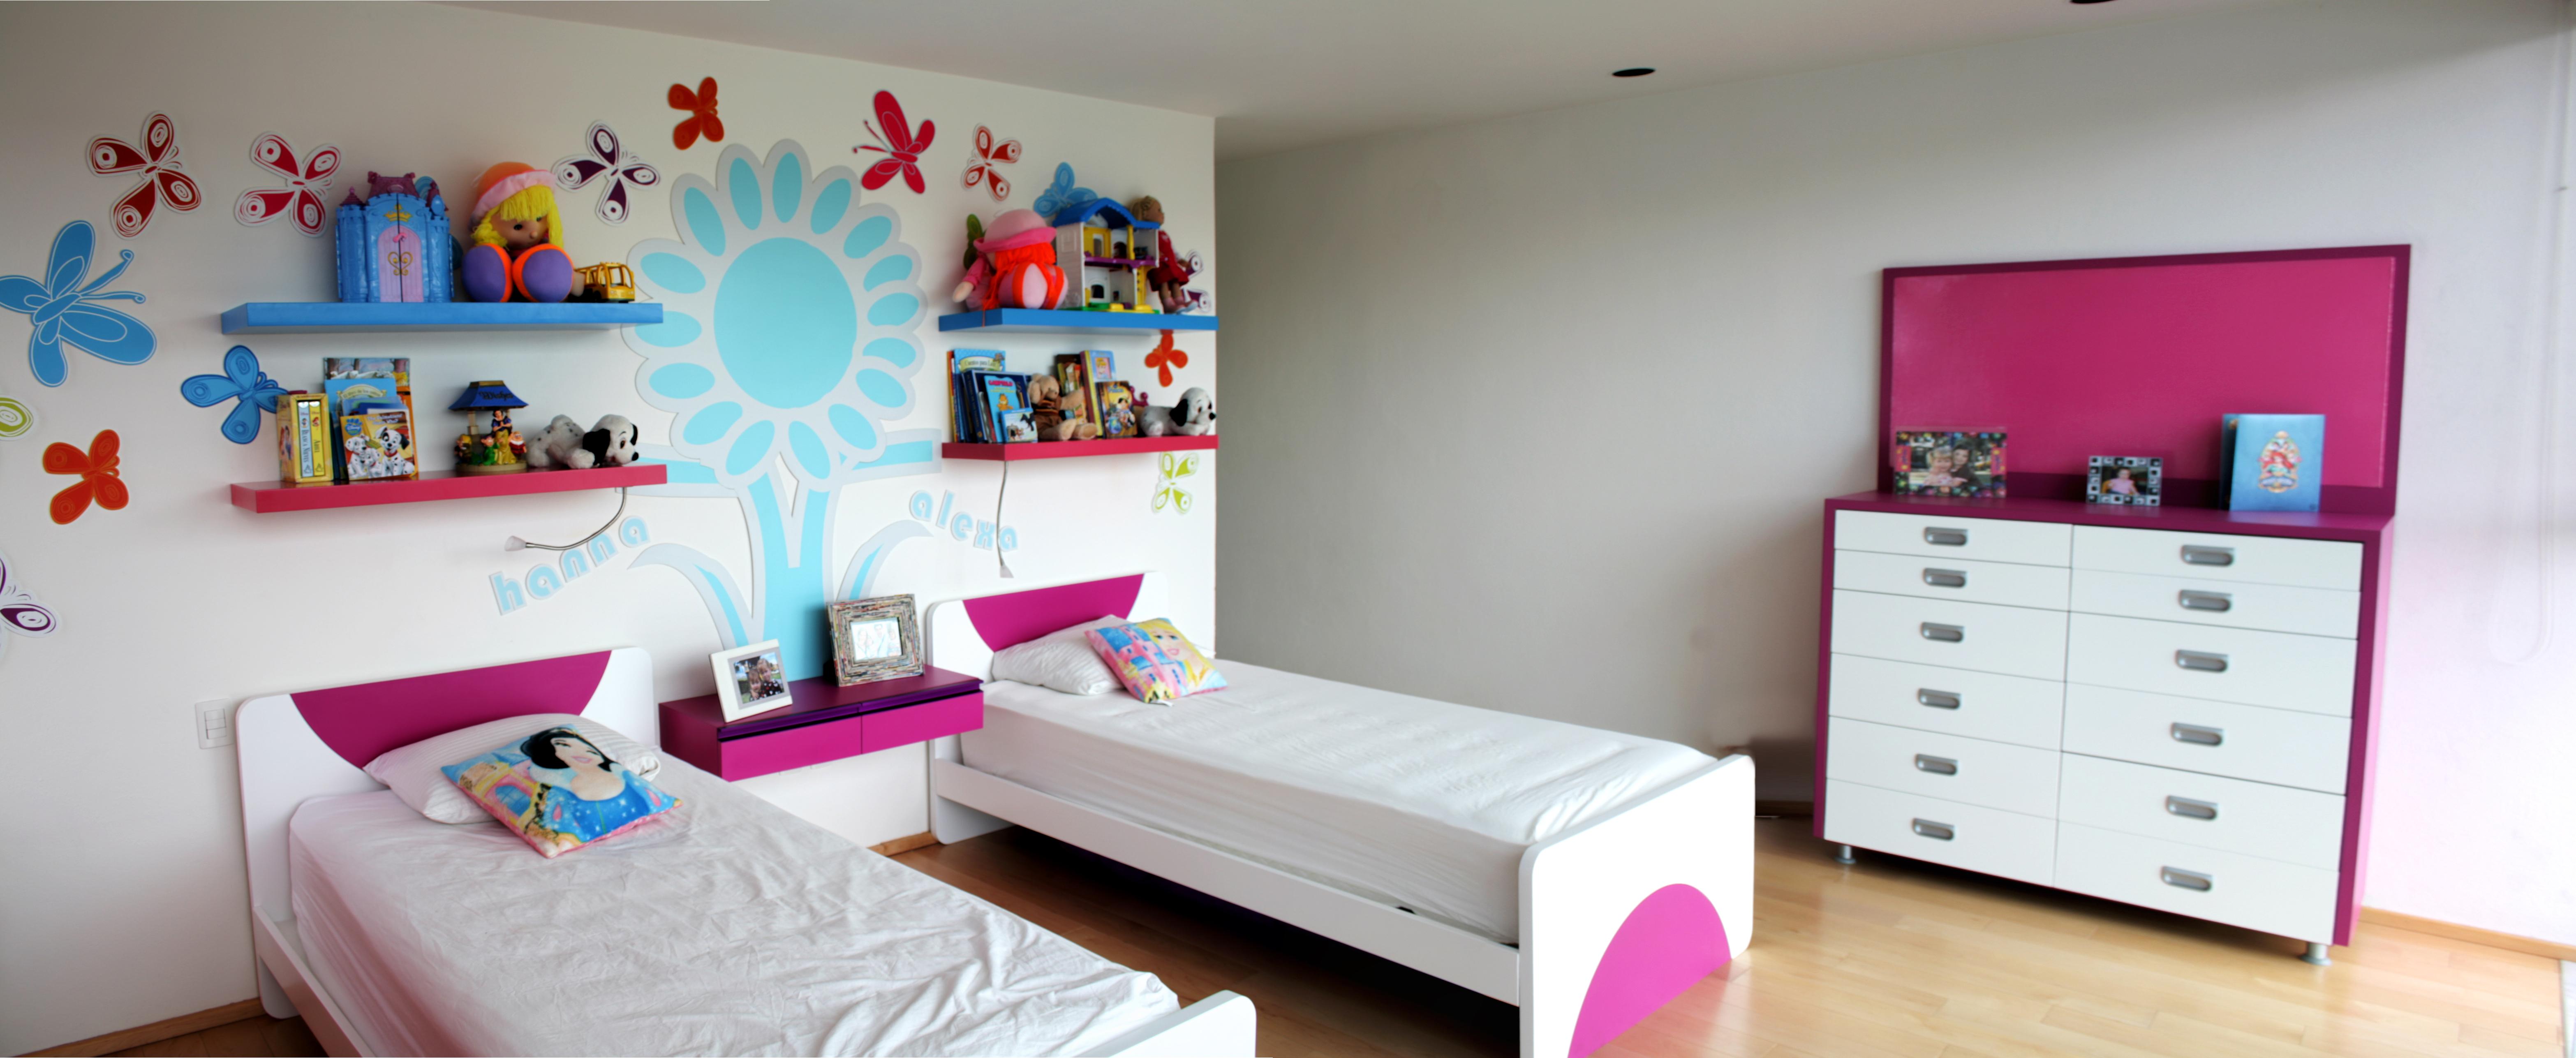 Dise o de habitaciones cuarto para ni as ambientacion for Habitaciones decoradas para ninas